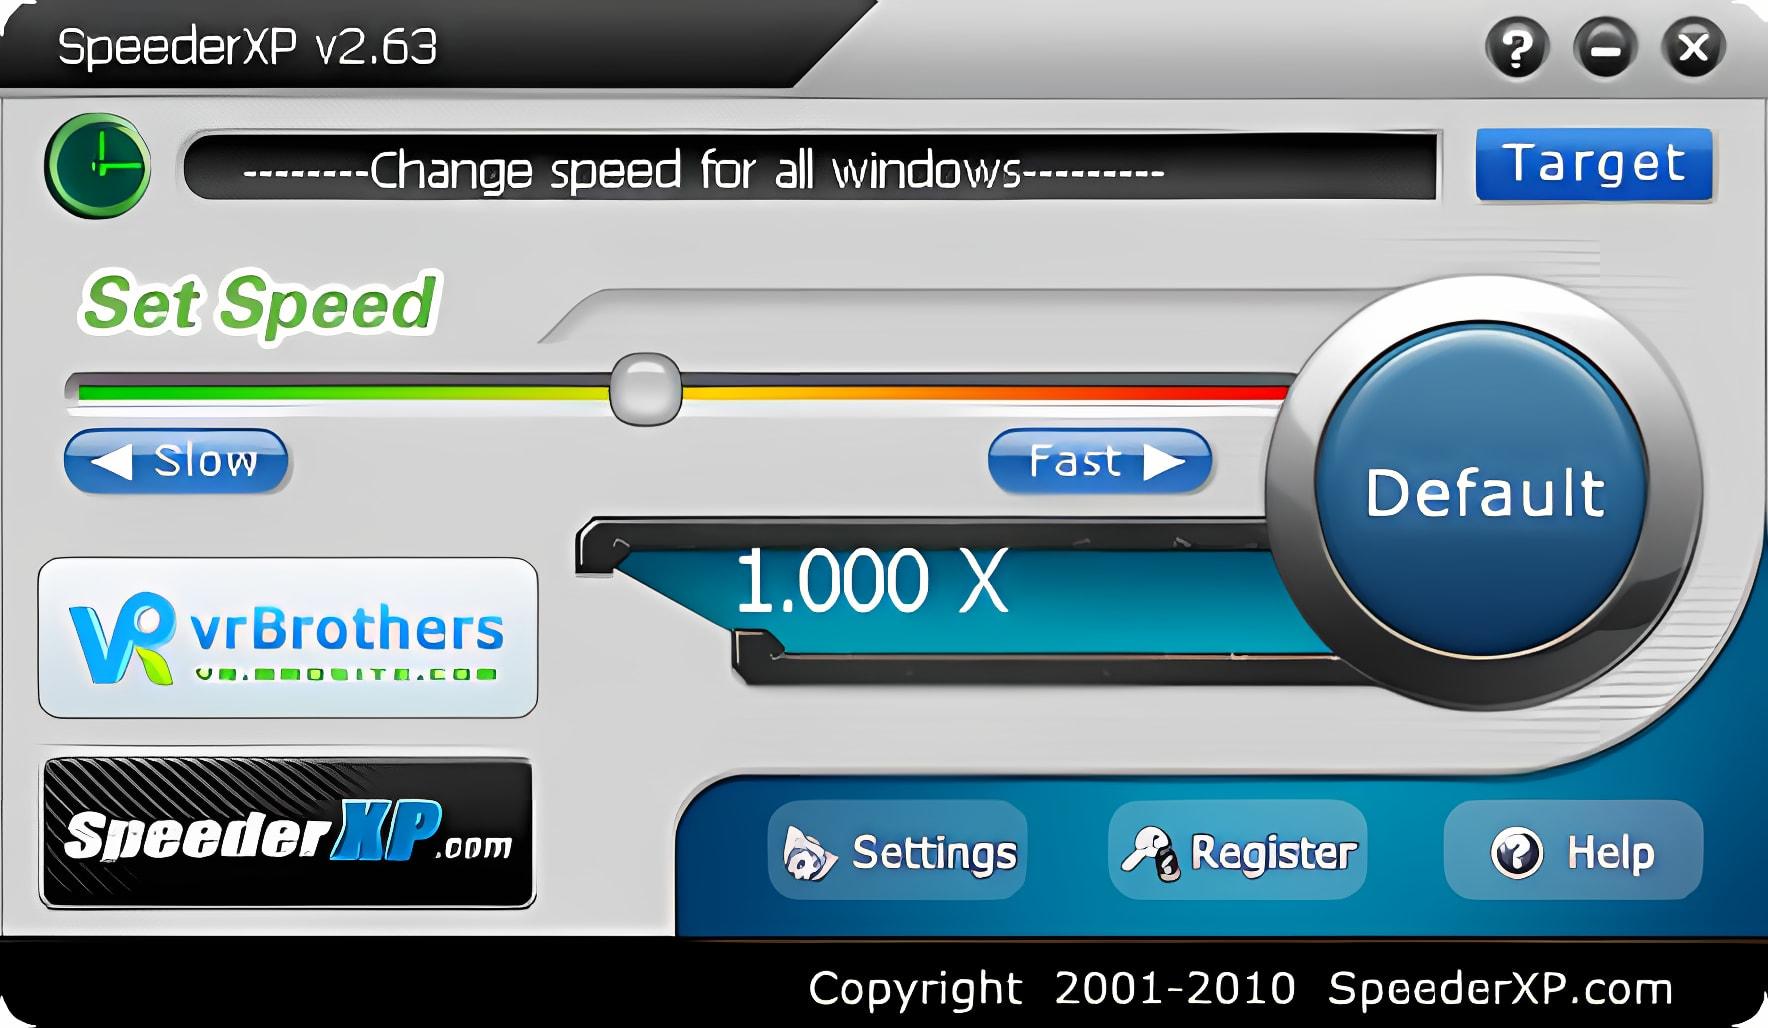 SpeederXP